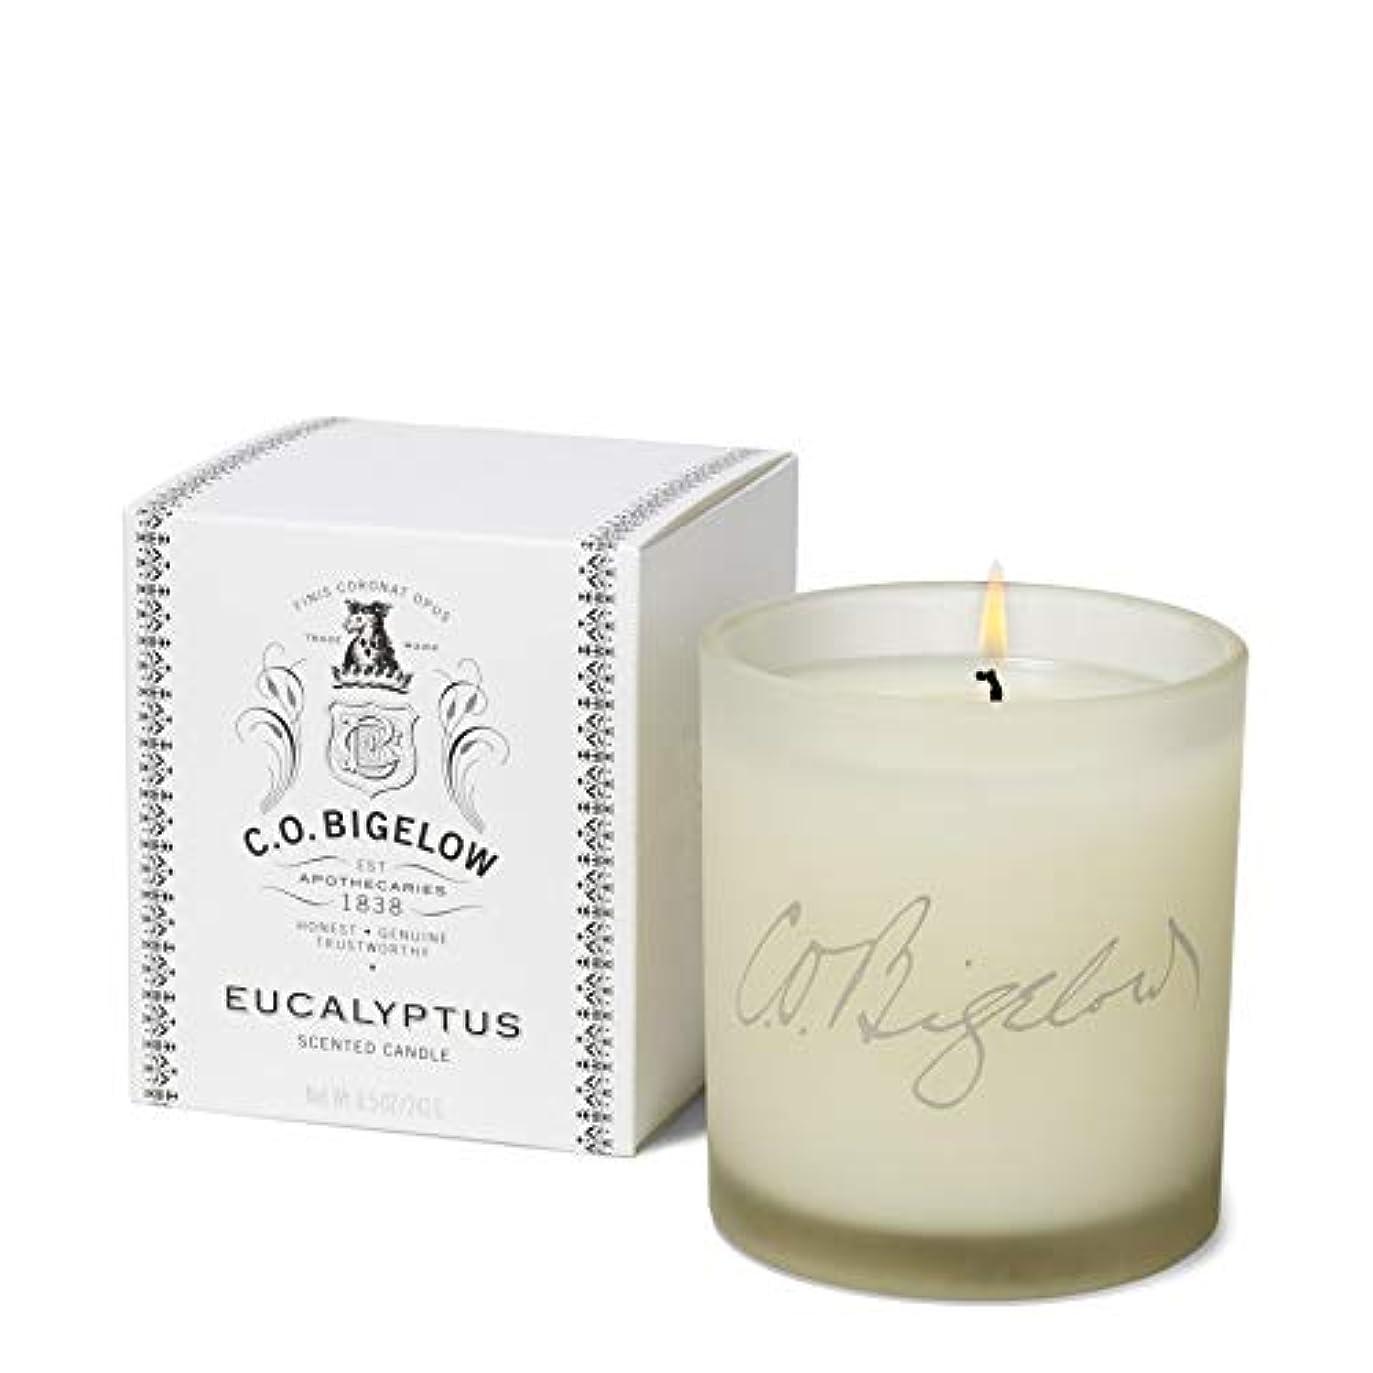 再現するインレイクリック[C.O. Bigelow] C.O.ビゲローユーカリの香りのキャンドル - C.O. Bigelow Eucalyptus Scented Candle [並行輸入品]